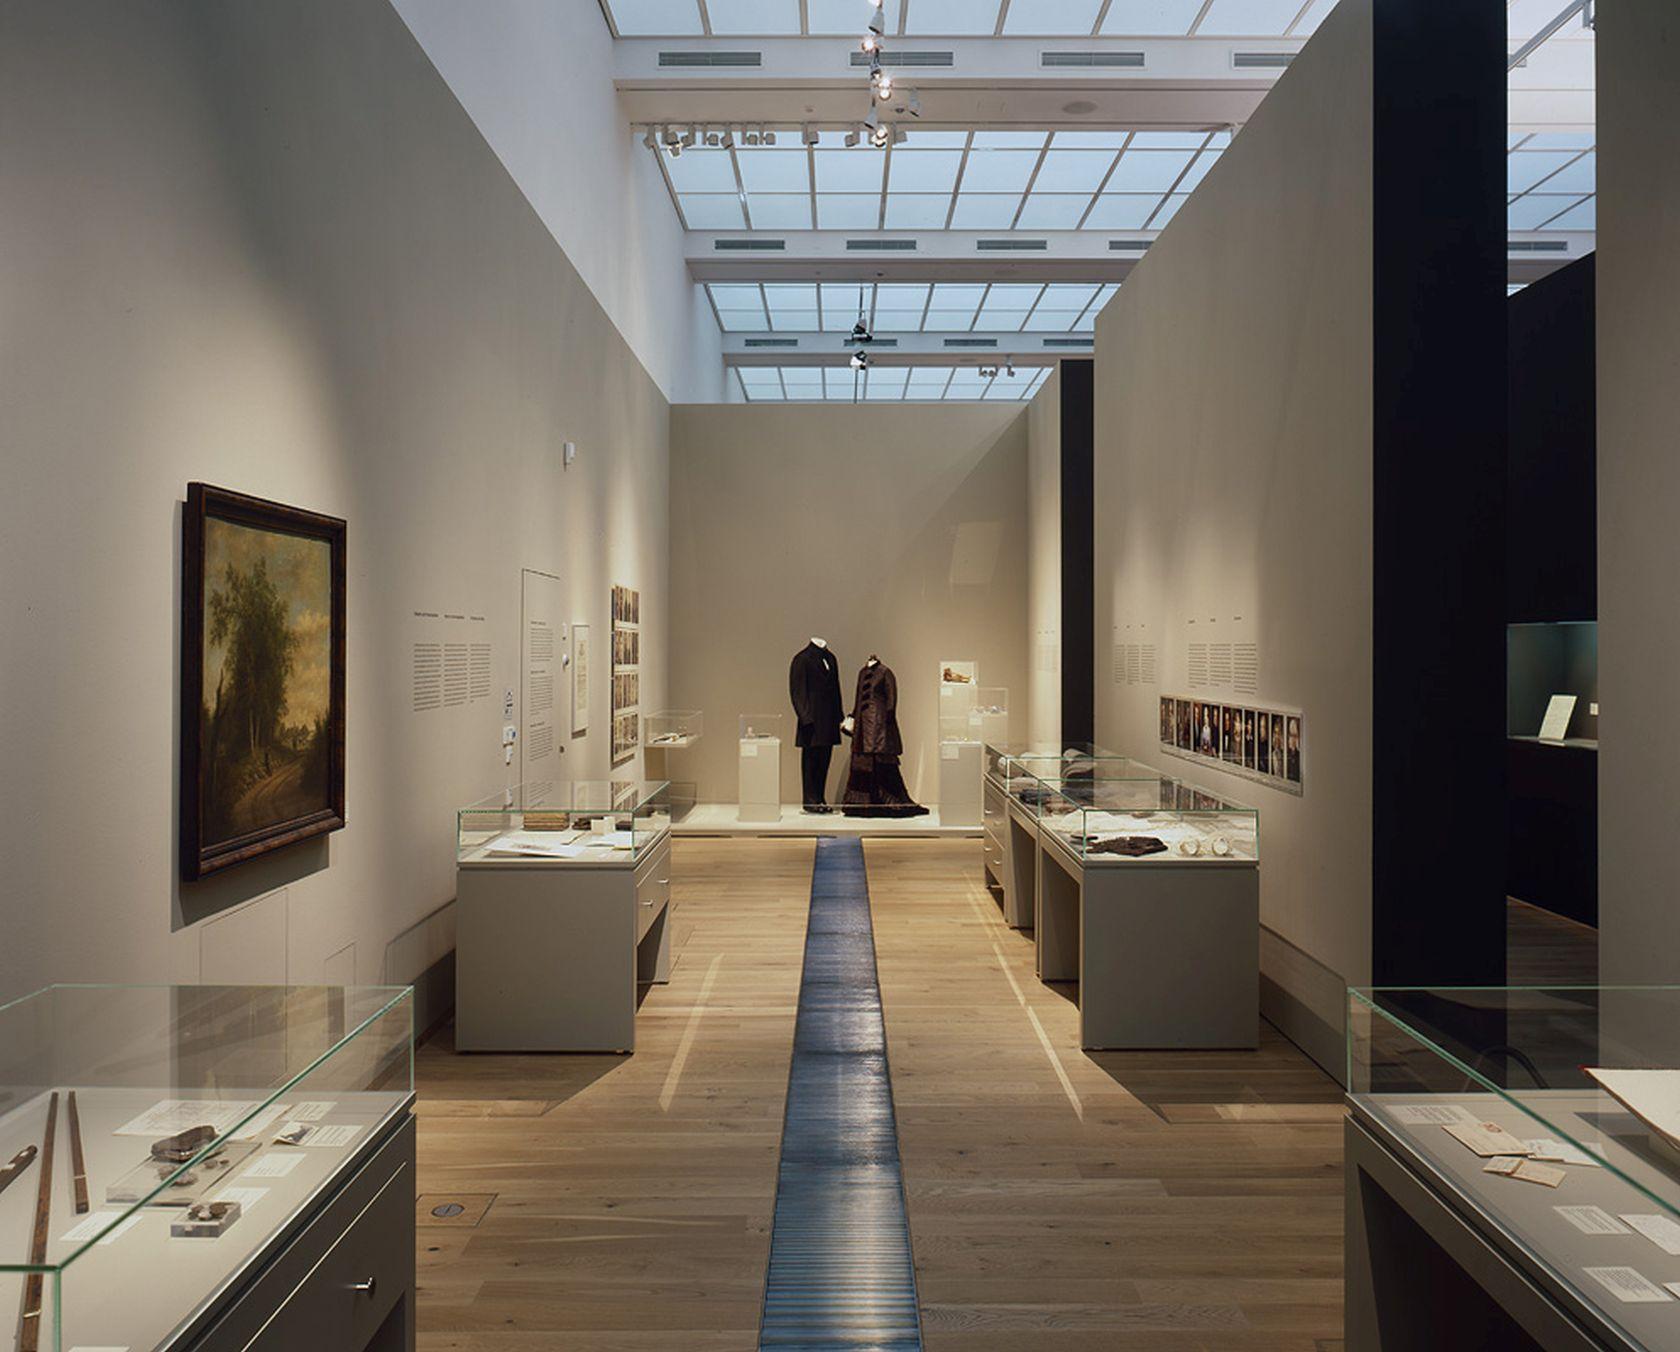 Ausstellung DRAI CLEMENS UND AUGUST-007